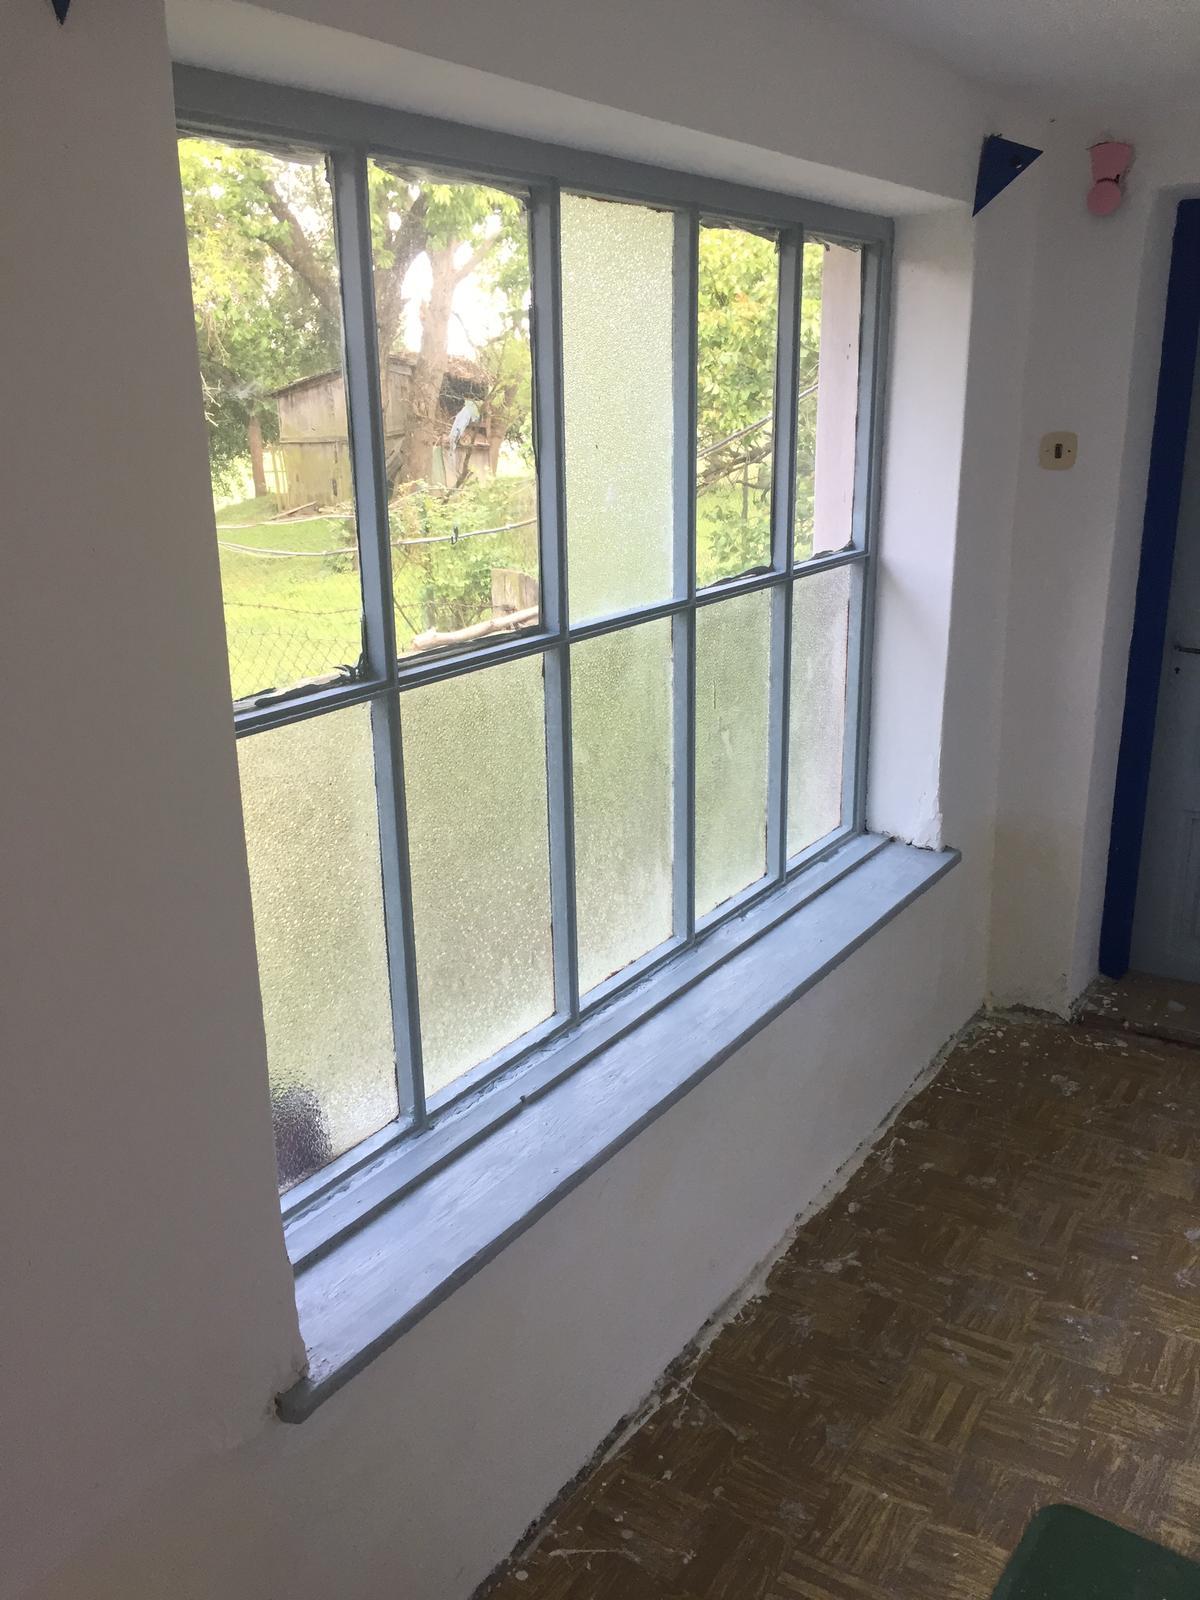 Perníková chalúpka - okno konečne natreté